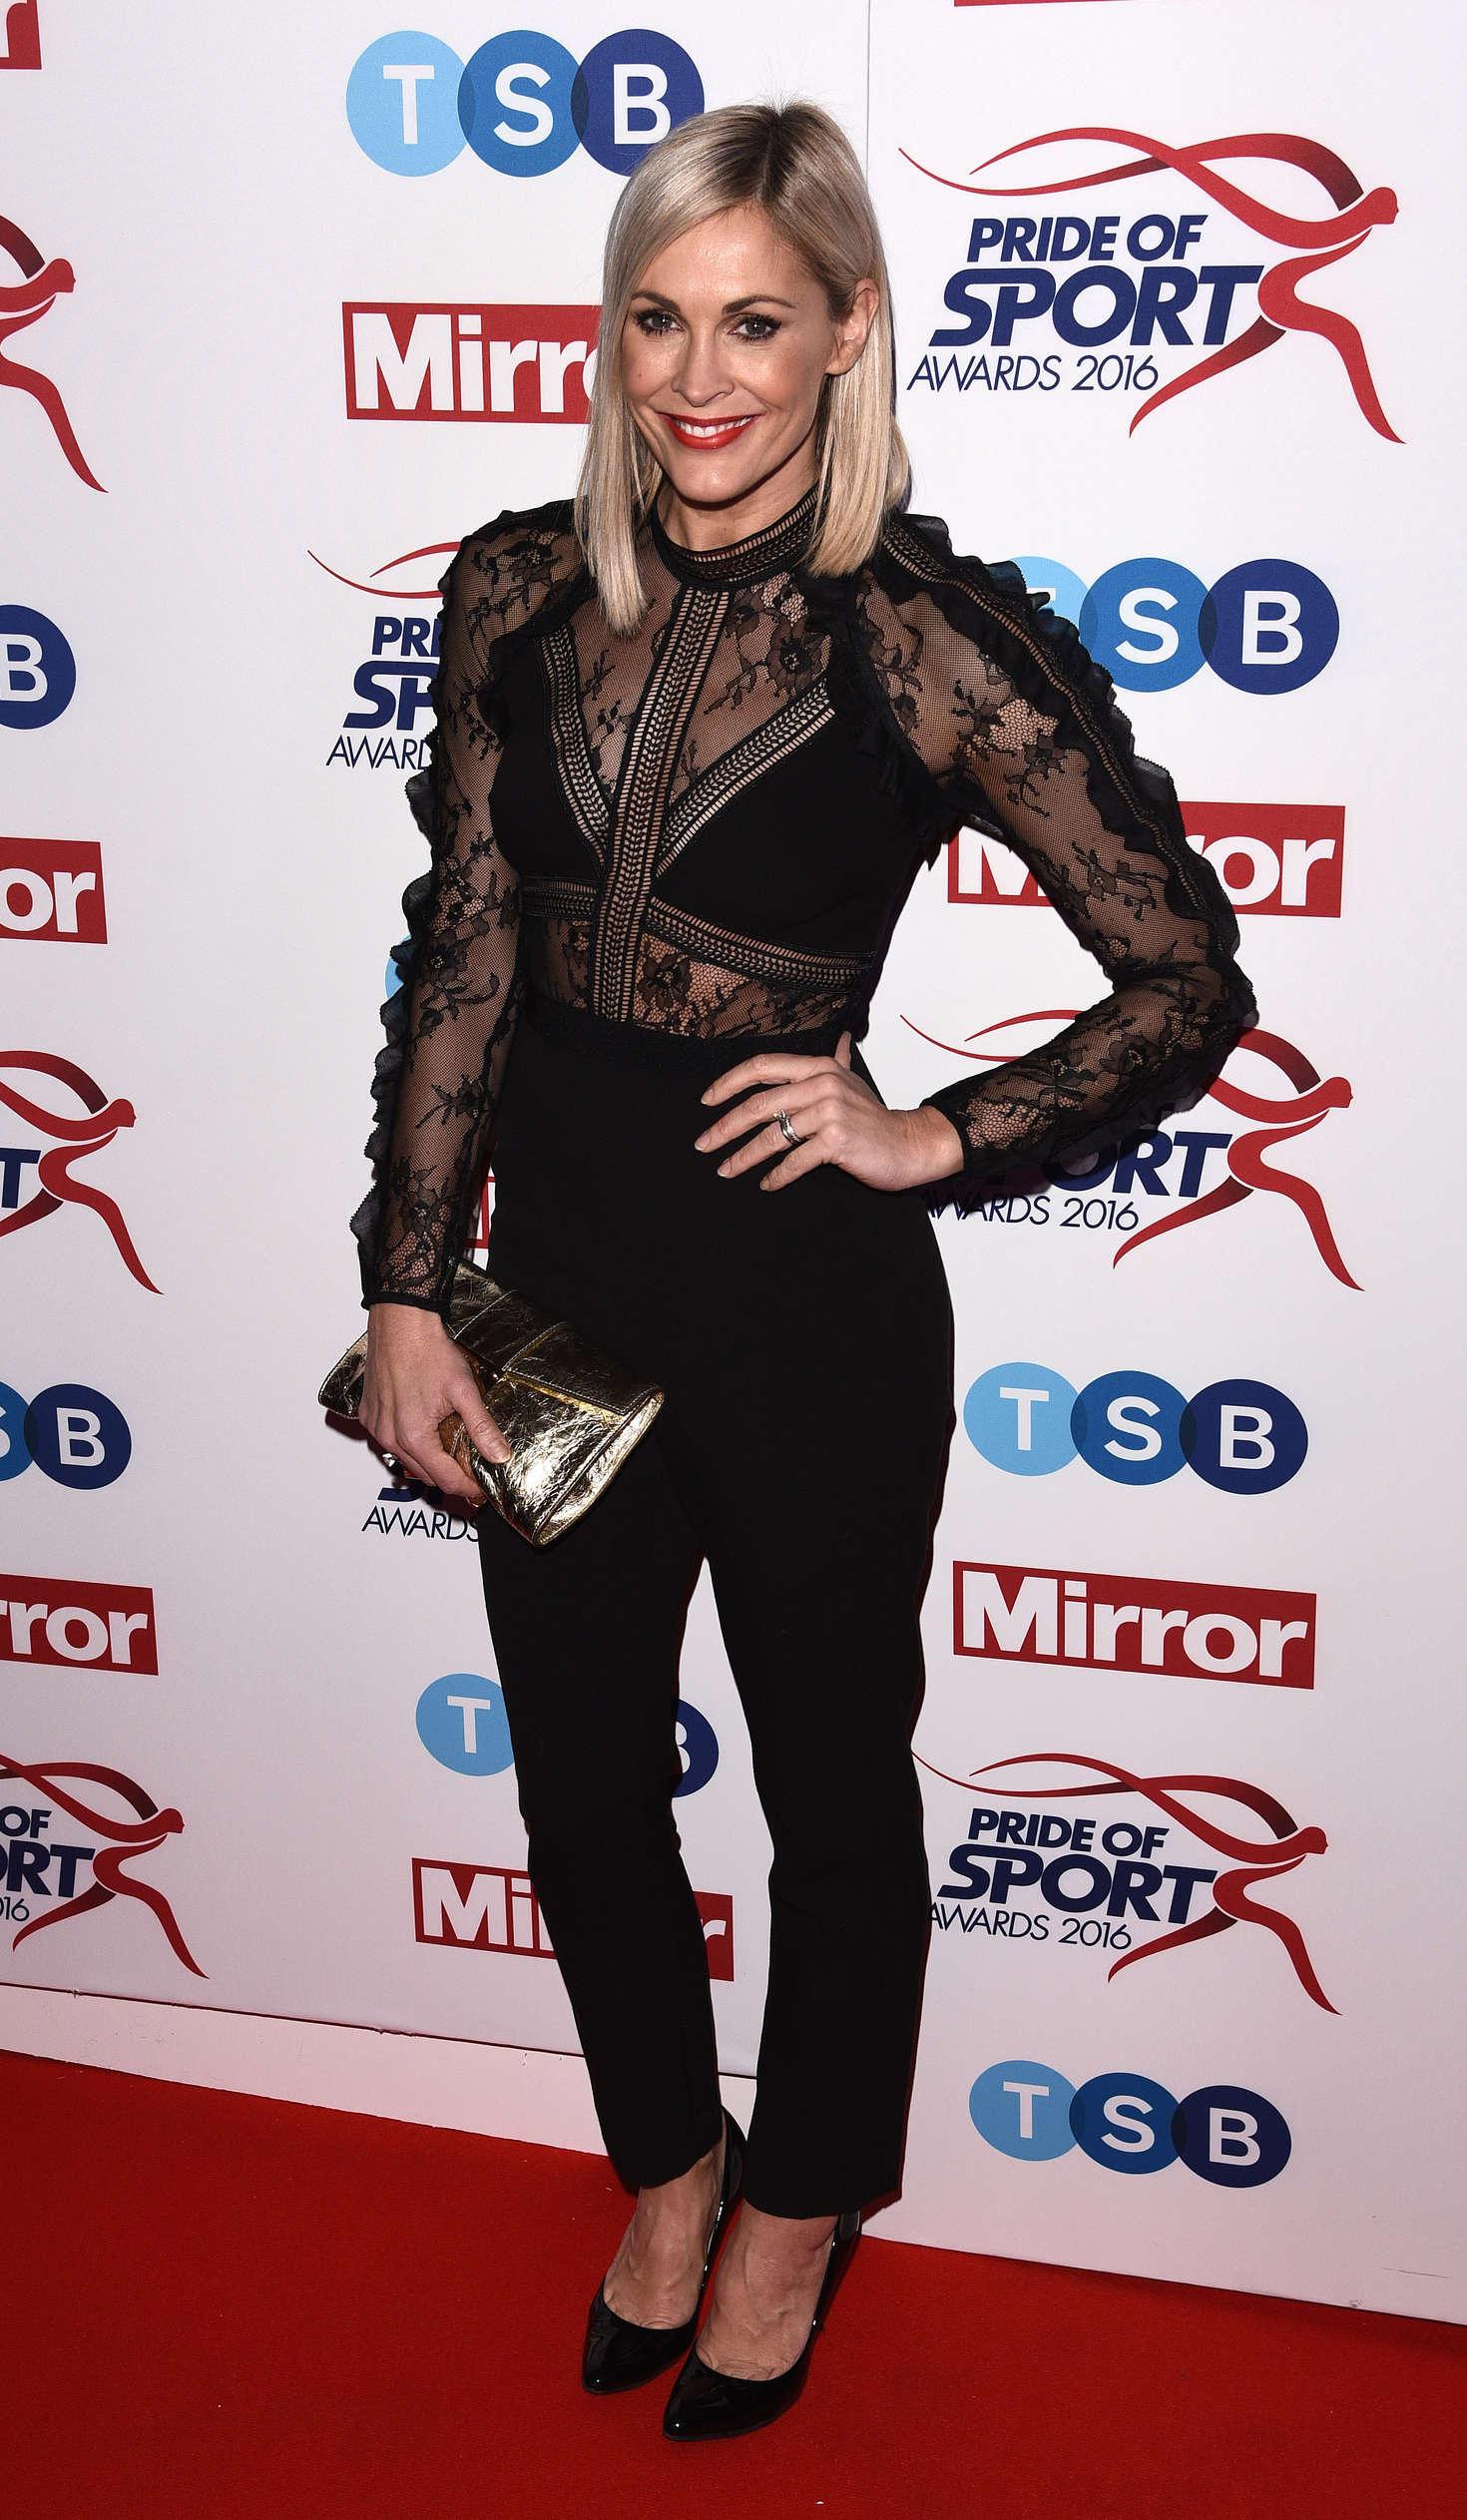 Jenni Falconer - Pride of Sports Awards 2016 in London